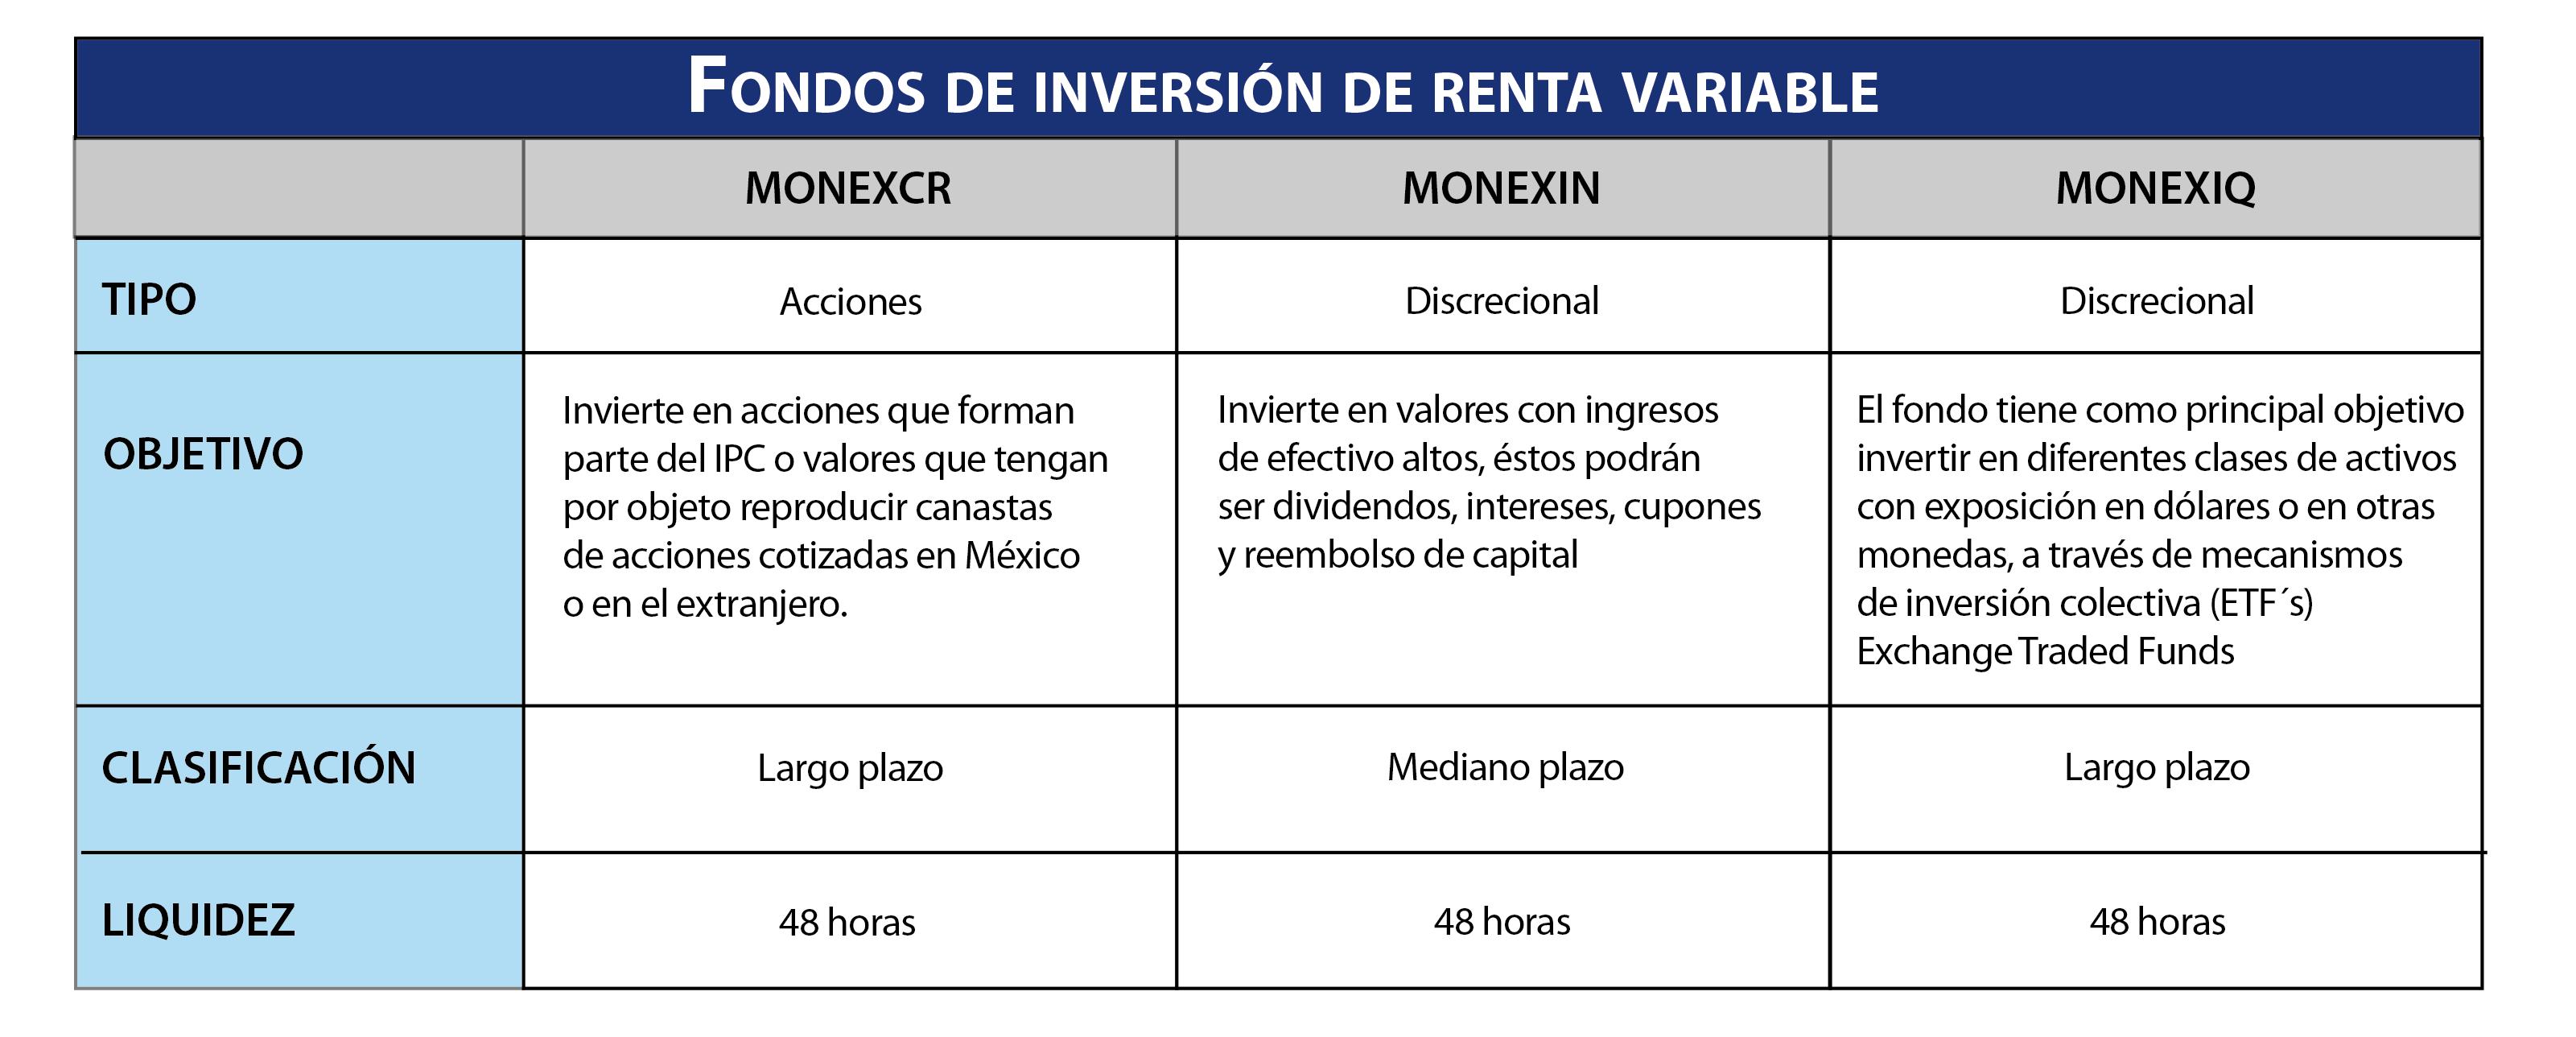 Fondos de inversión renta variable